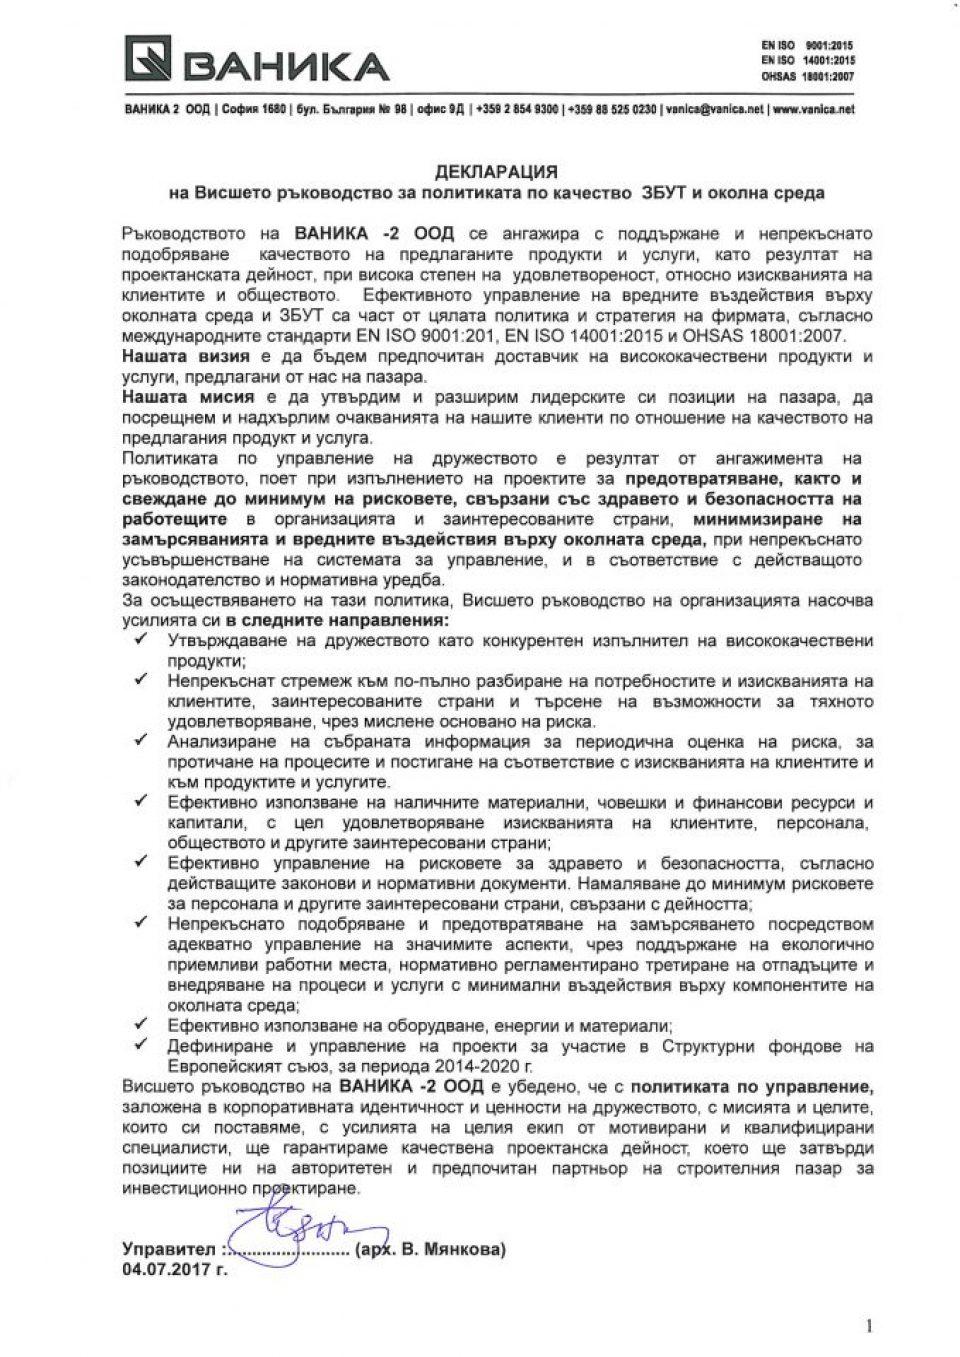 Декларация за ИСУ